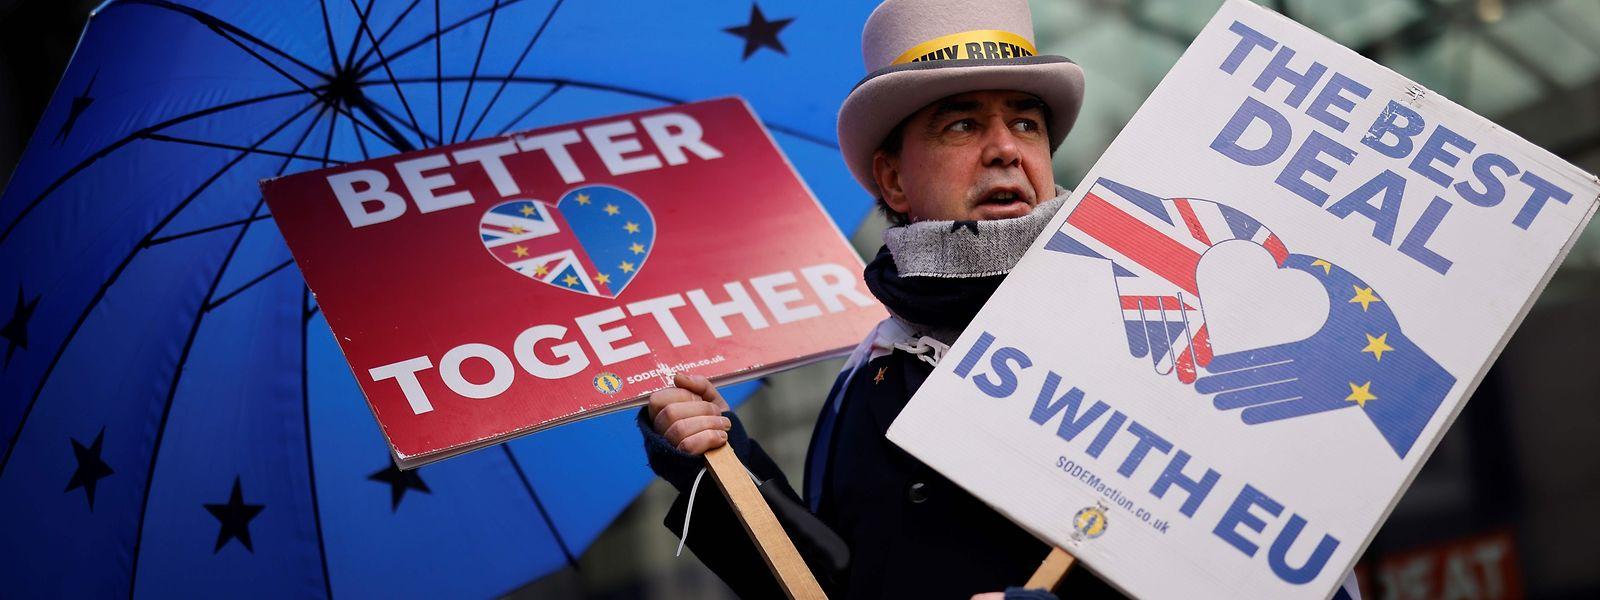 Brexit-Gegner protestieren weiter für einen Deal mit der EU.